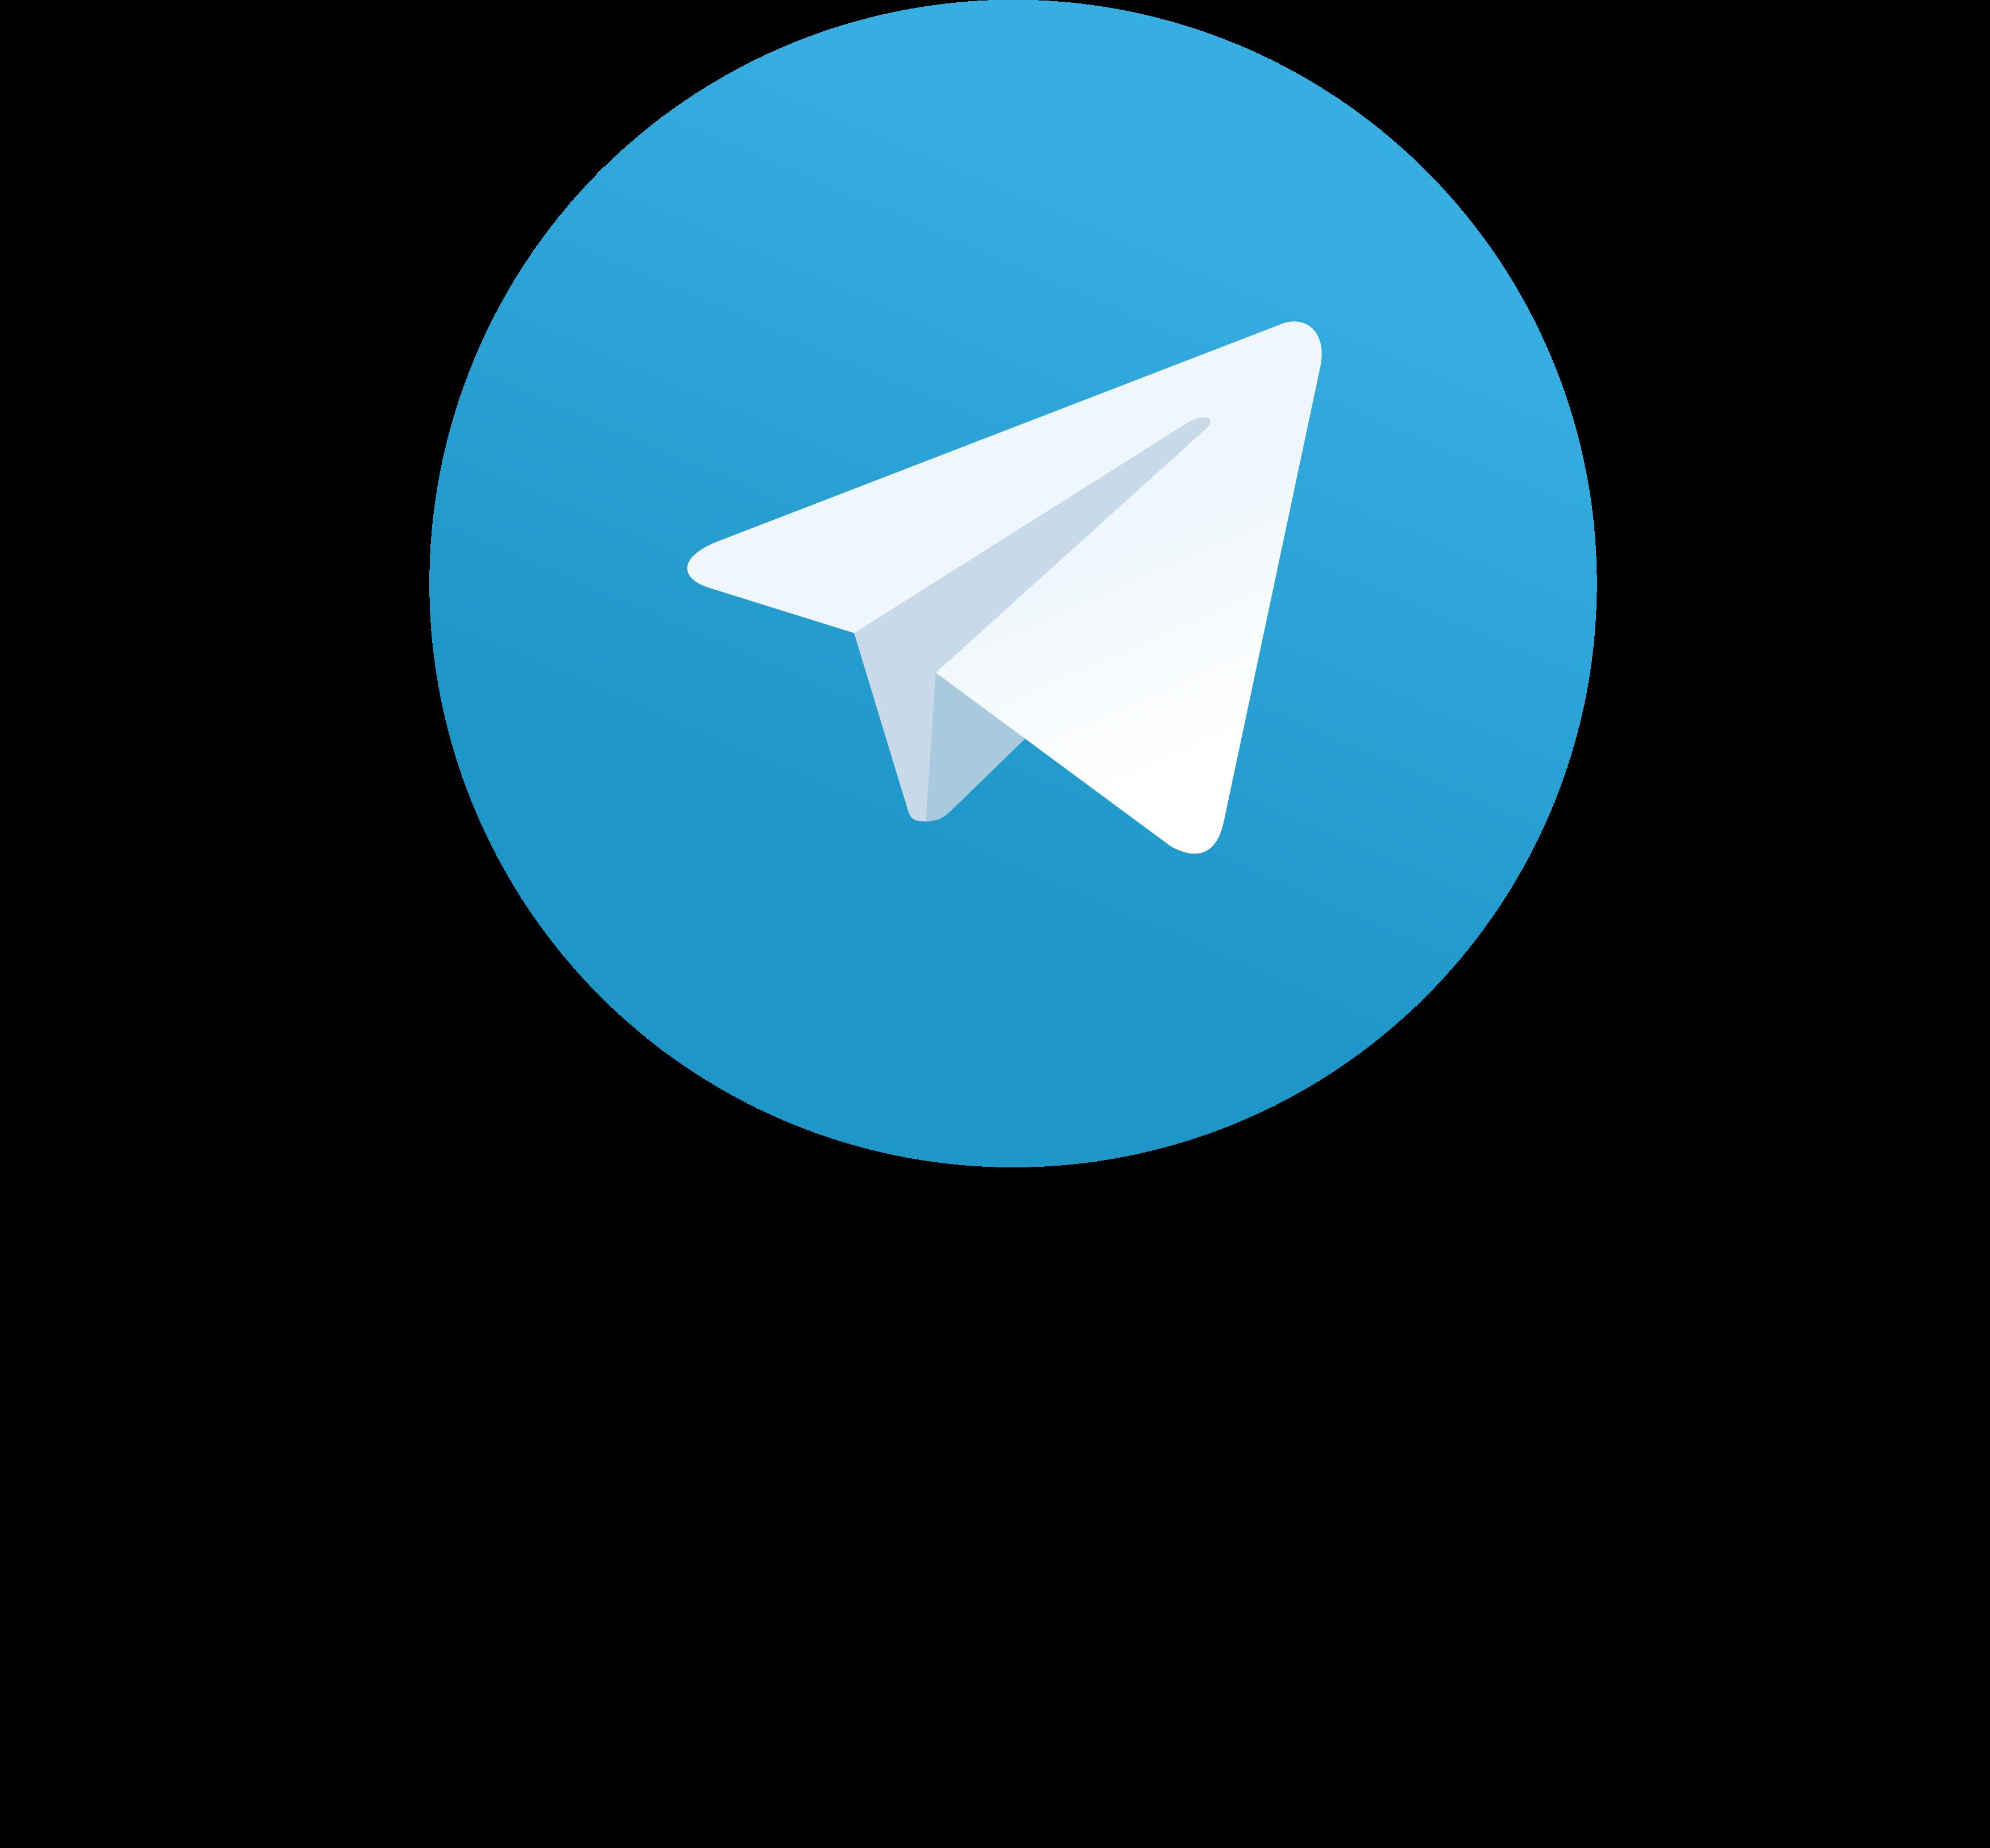 Telegram Logo PNG Logo Image.